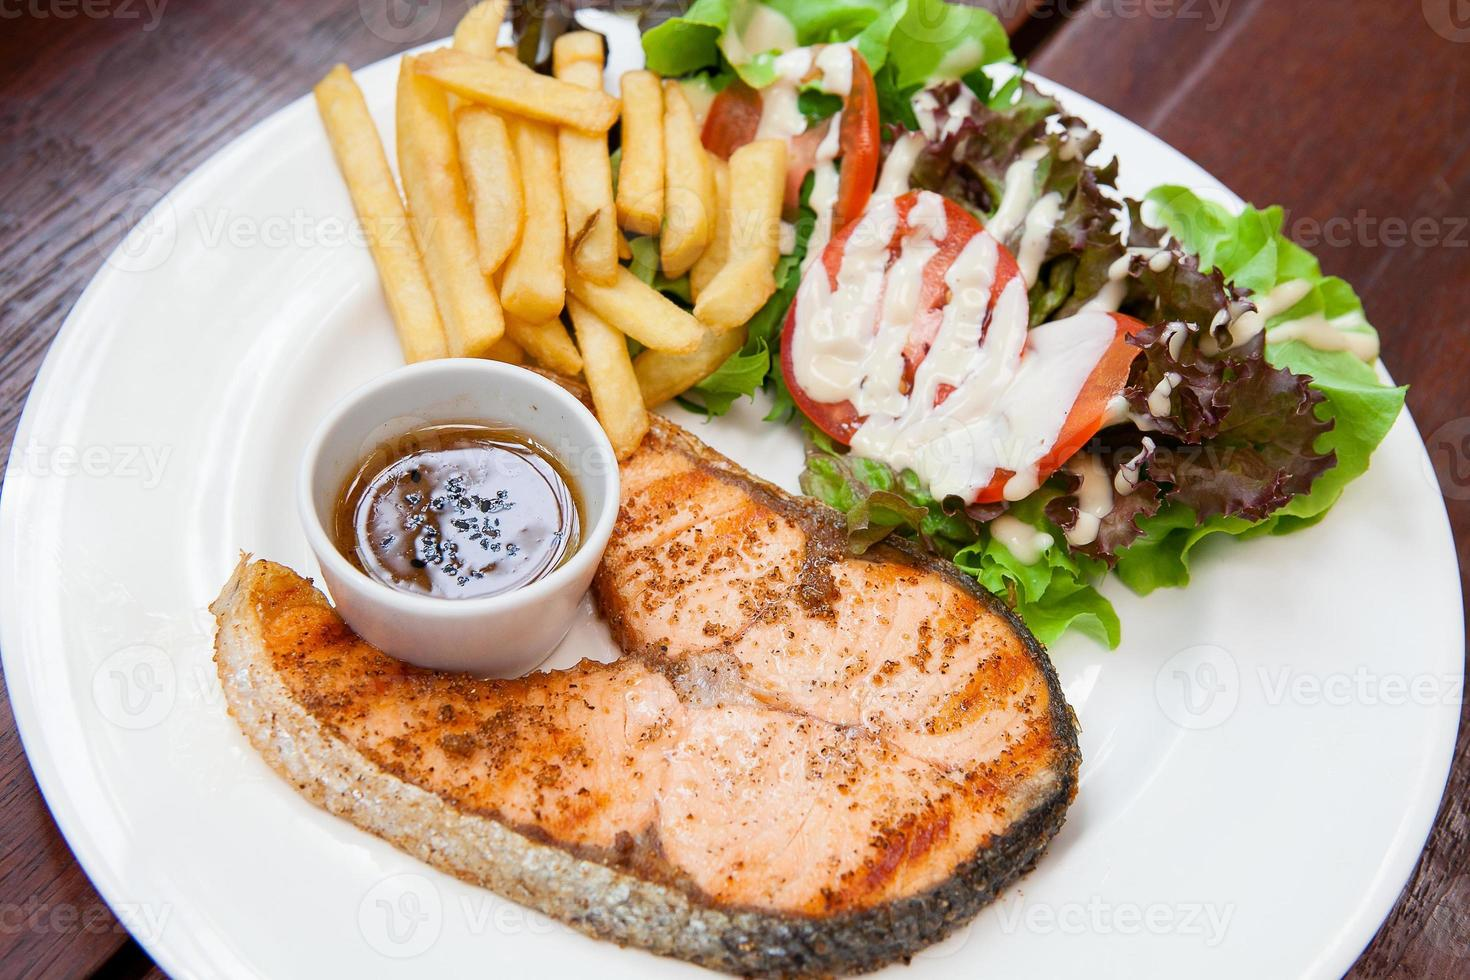 bife de salmão com salada e batata frita. foto